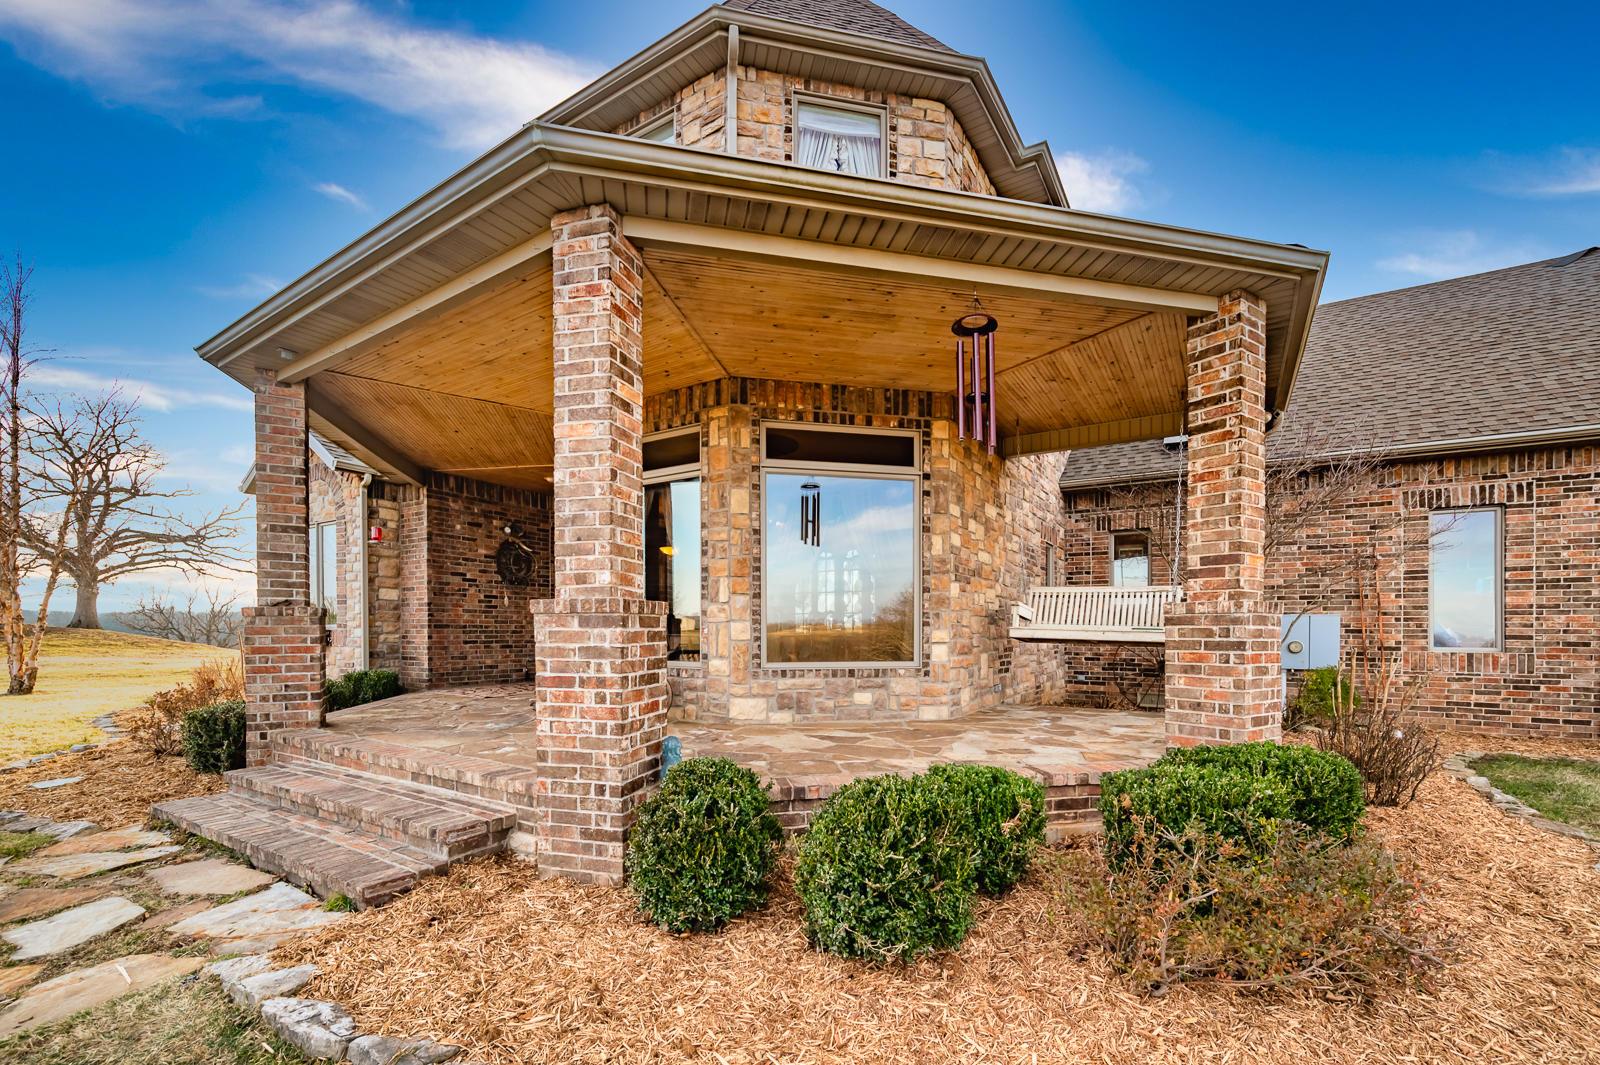 239 Postcard Drive Reeds Spring, MO 65737